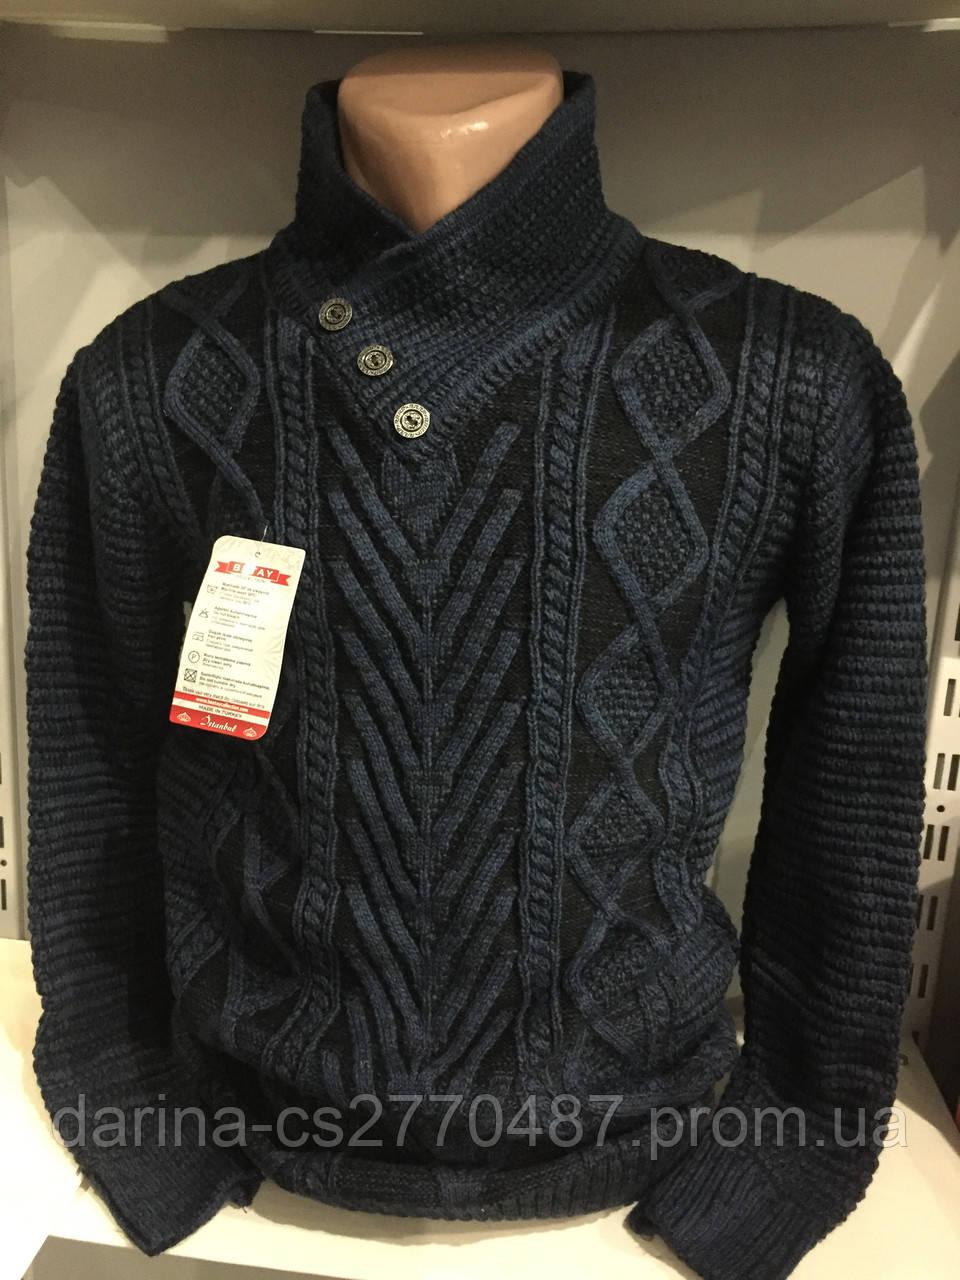 Зимний свитер с пуговицами для мужчины L,XL